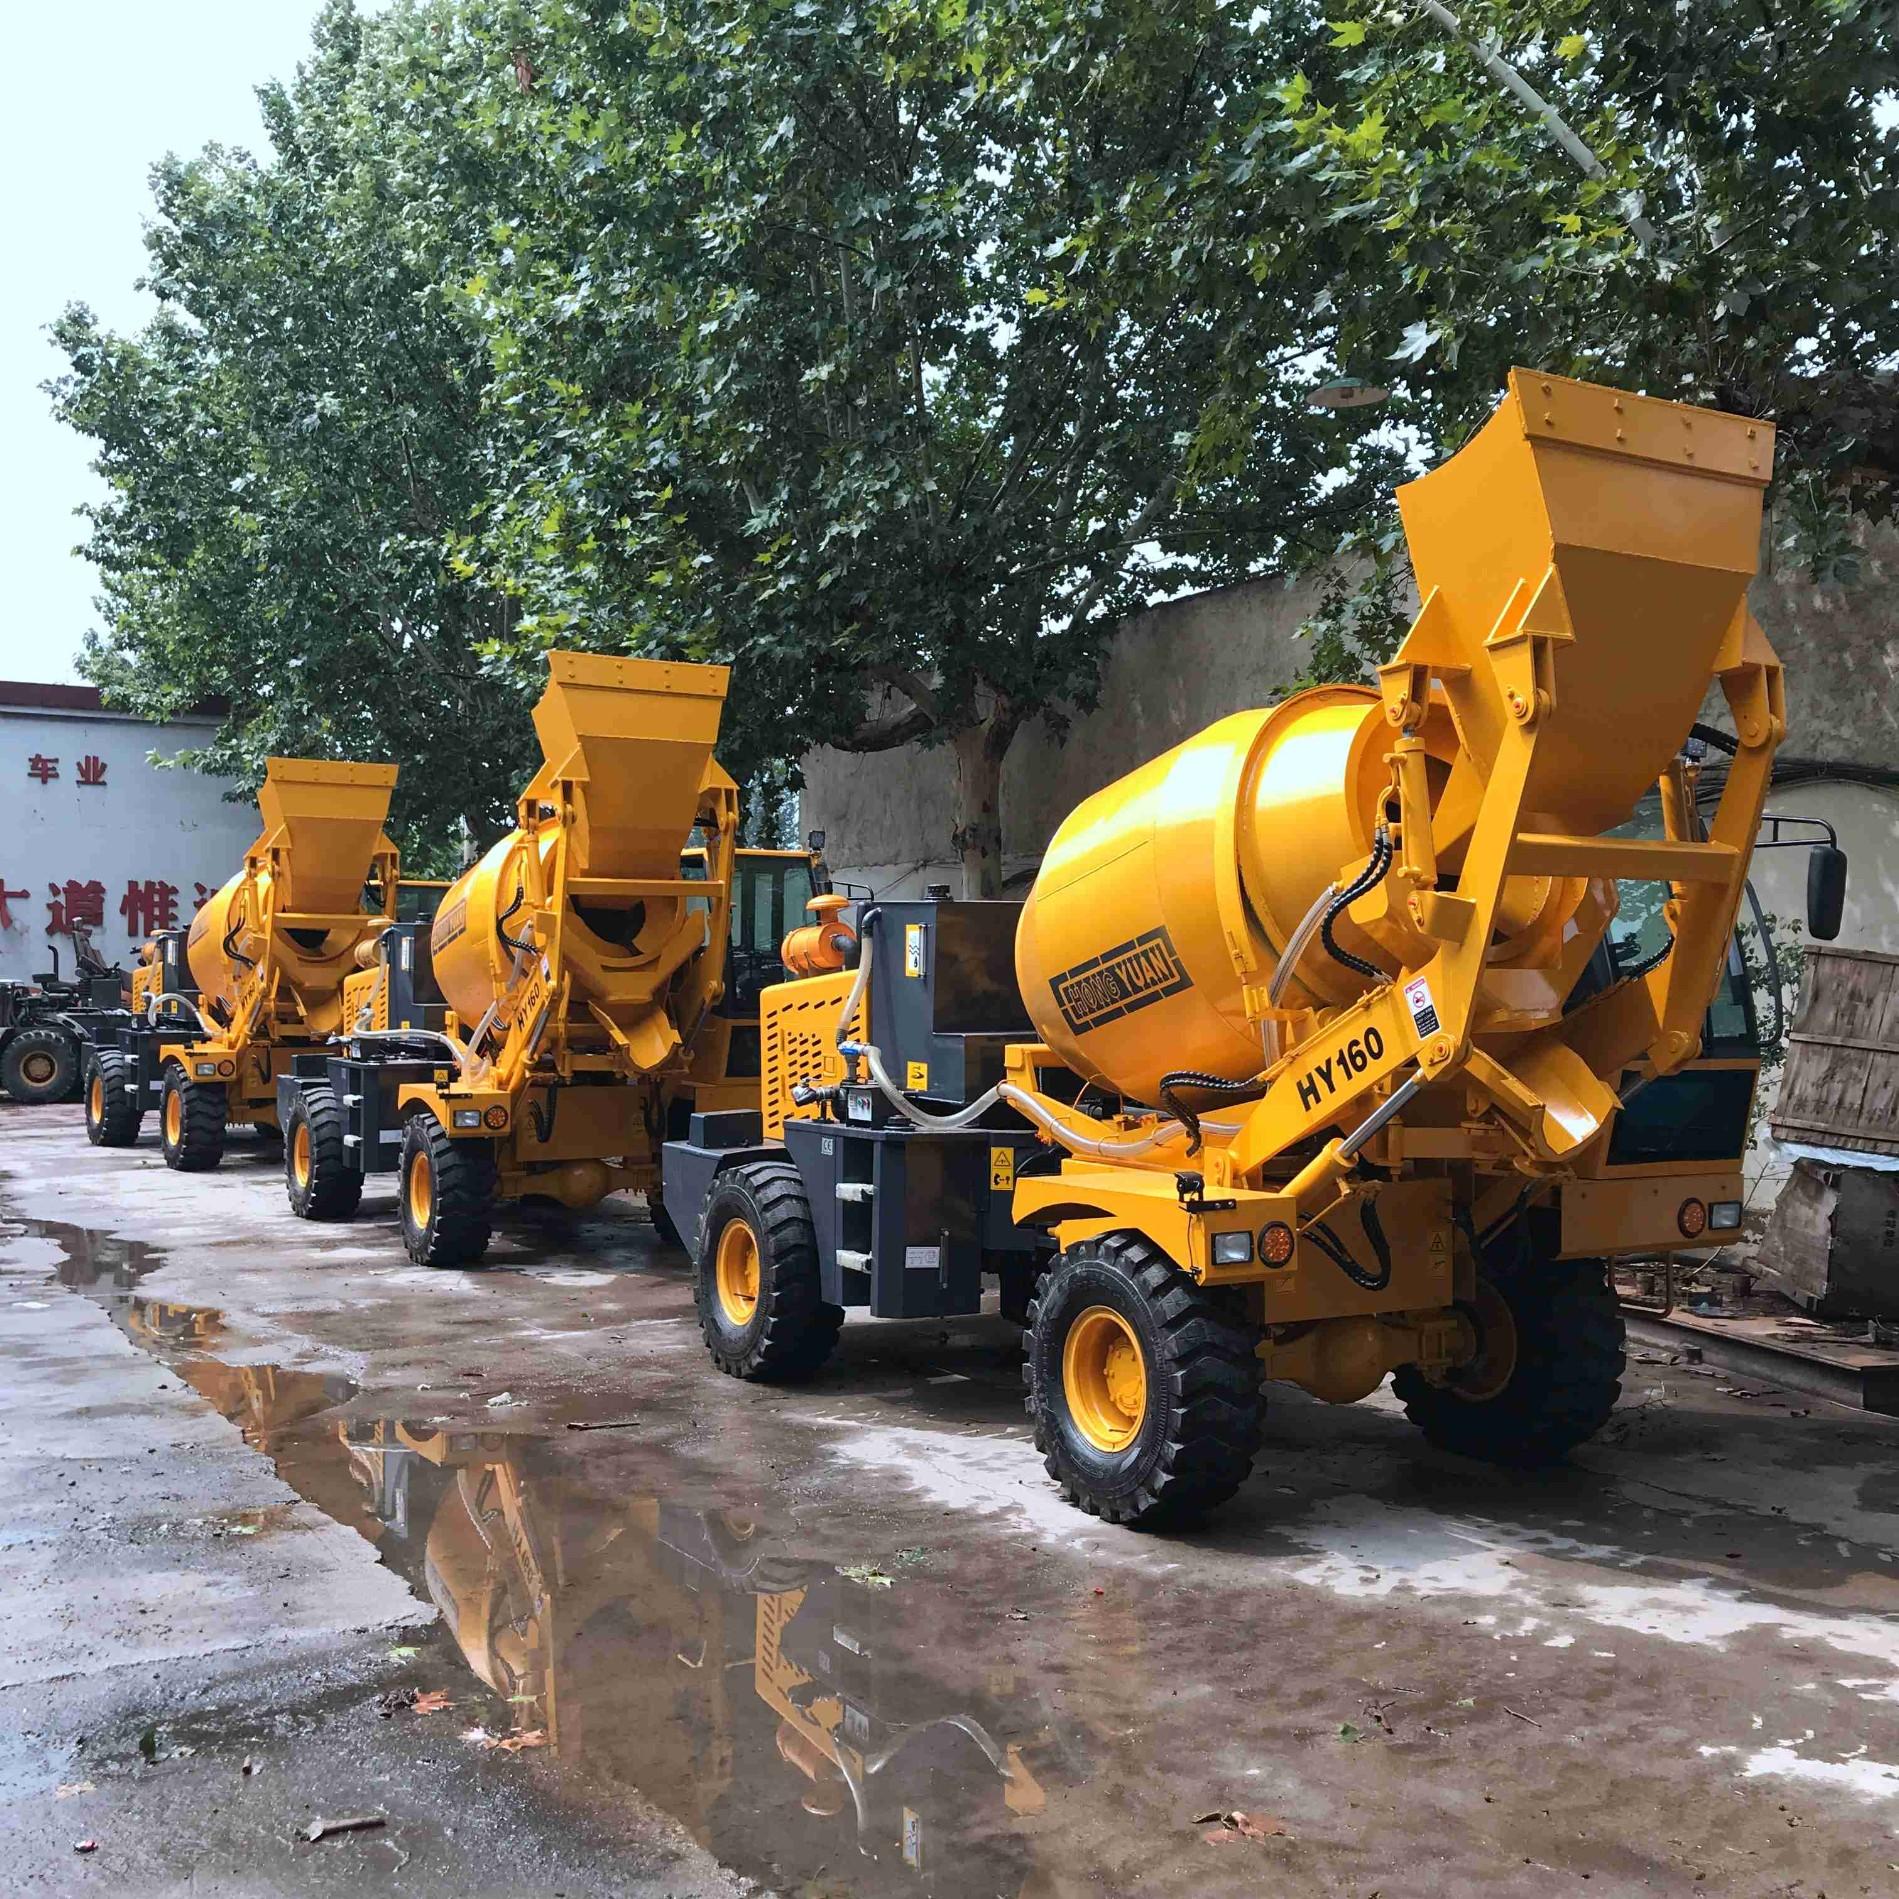 Sales Diesel Engine Concrete Mixer Machine Prices, Buy Diesel Engine Concrete Mixer Machine Prices, Diesel Engine Concrete Mixer Machine Prices Factory, Diesel Engine Concrete Mixer Machine Prices Brands